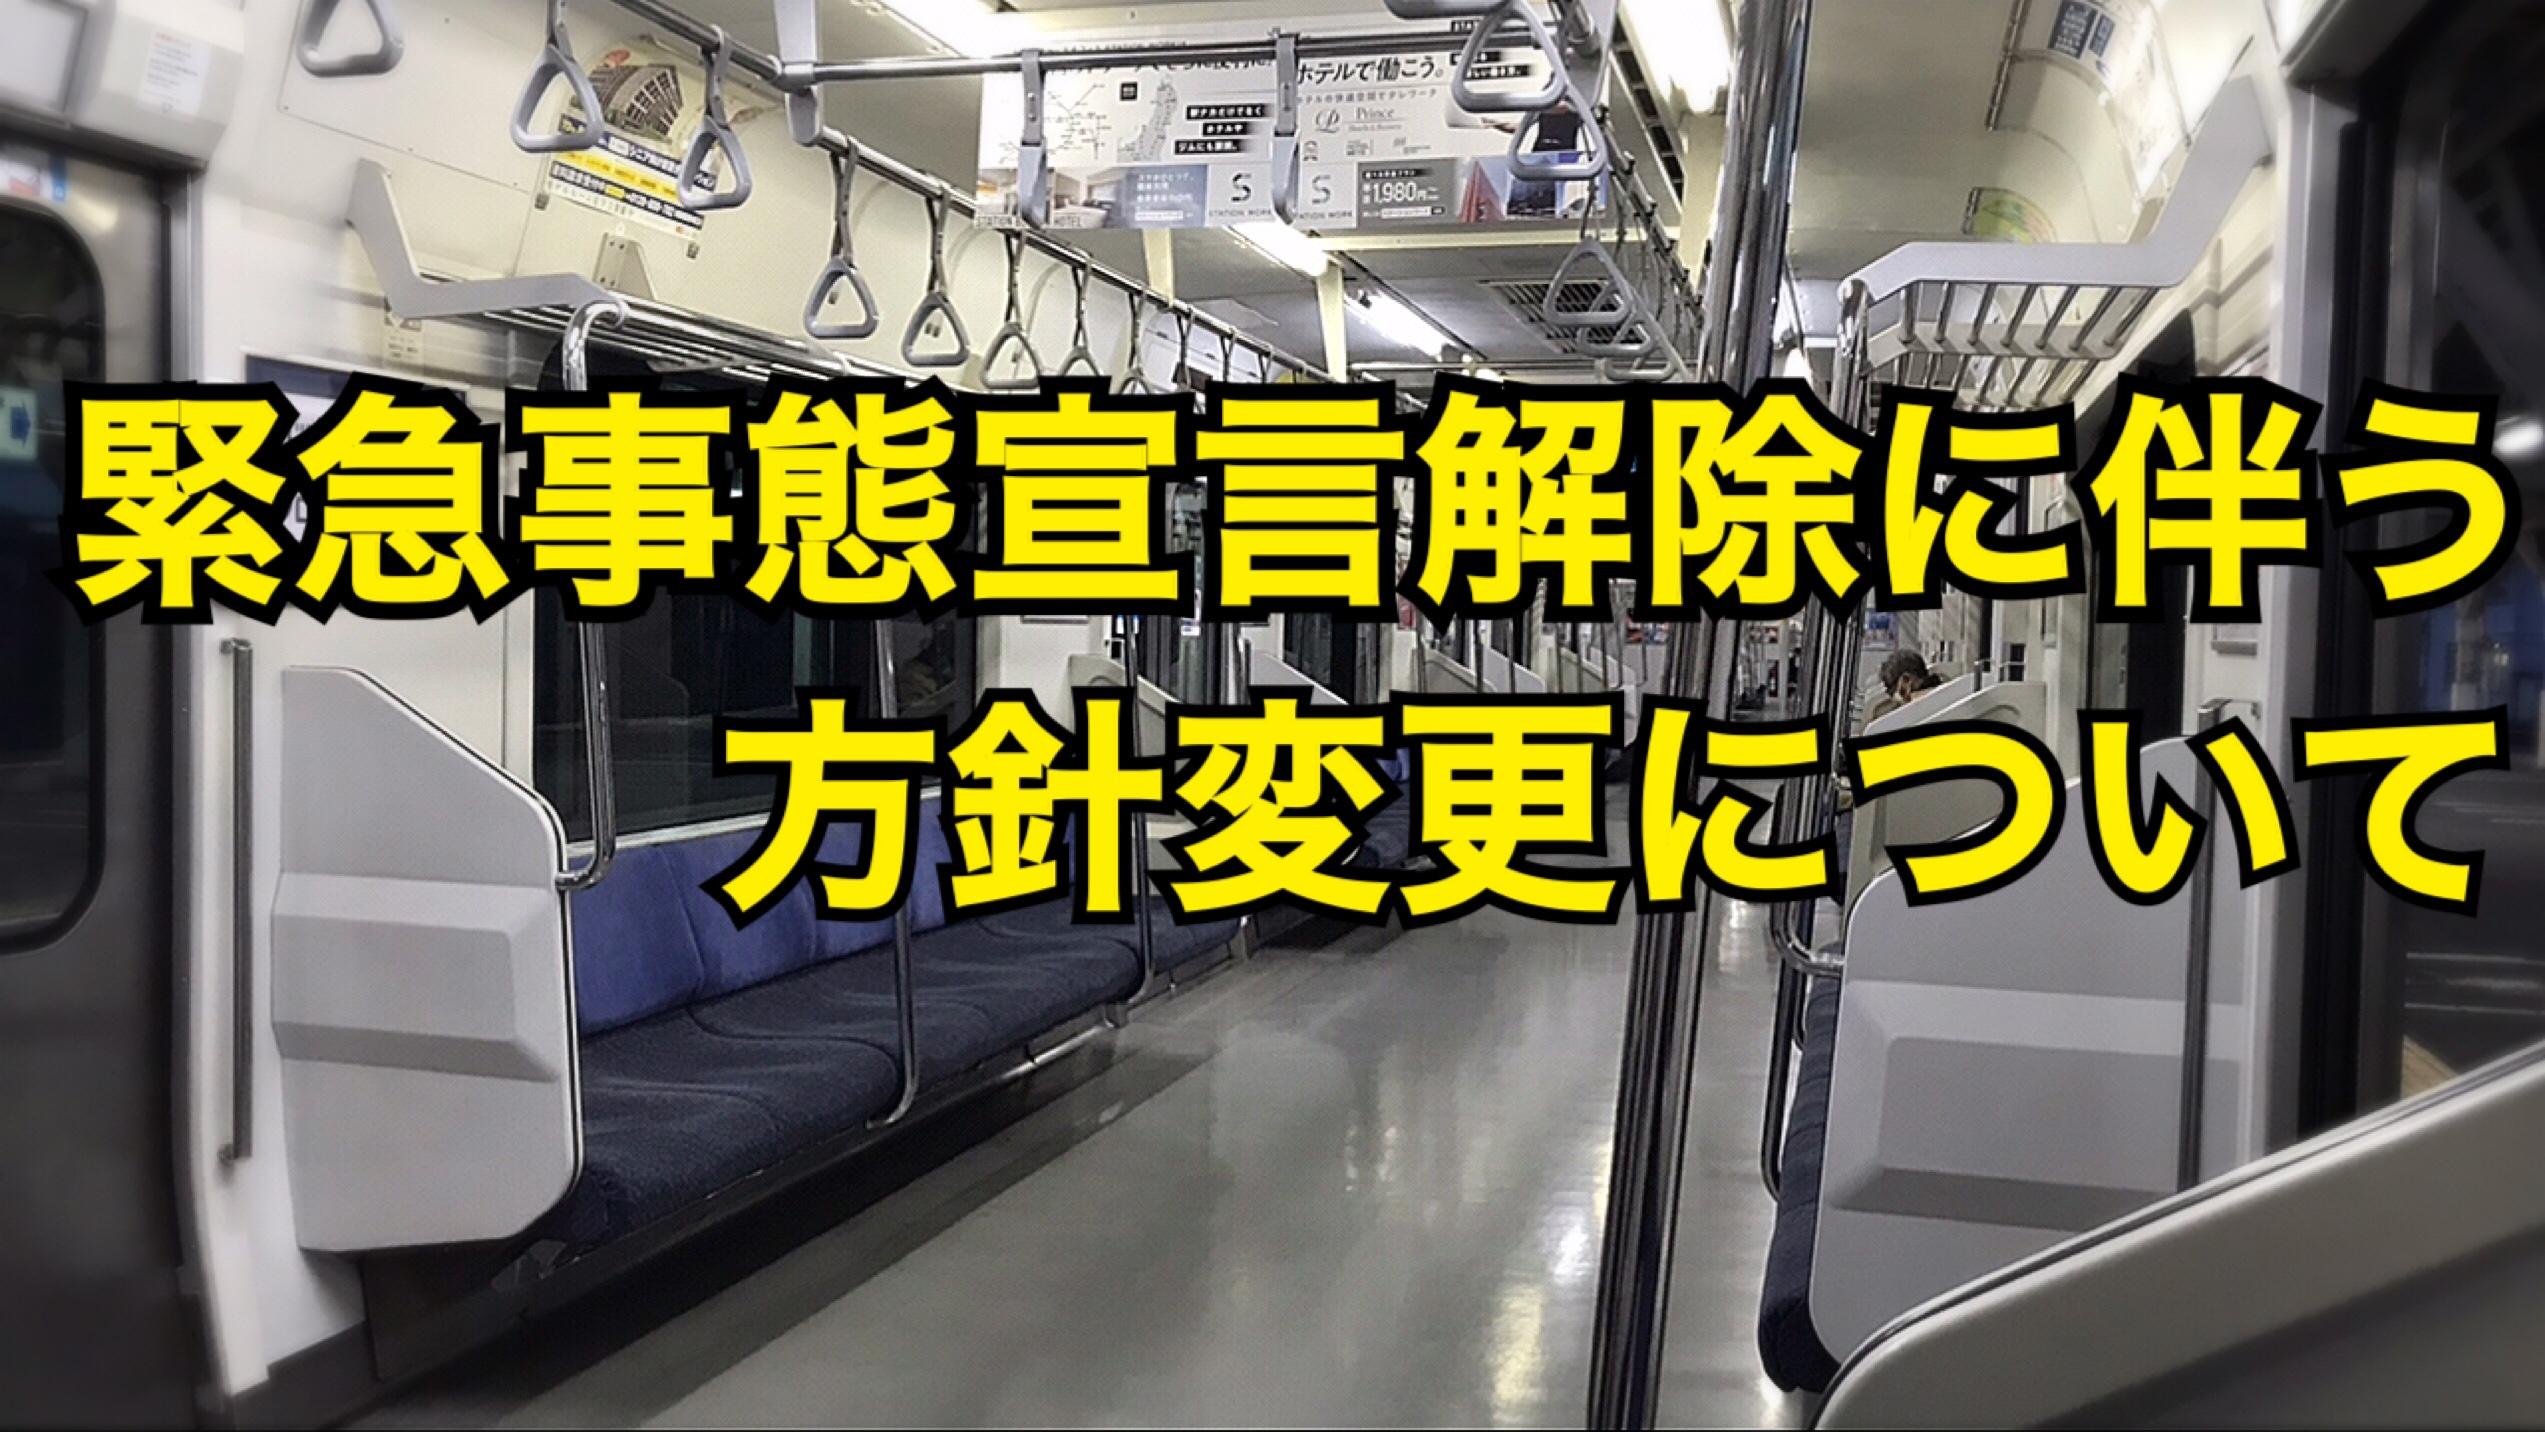 【重要】緊急事態宣言解除に伴う旅行再開方針について